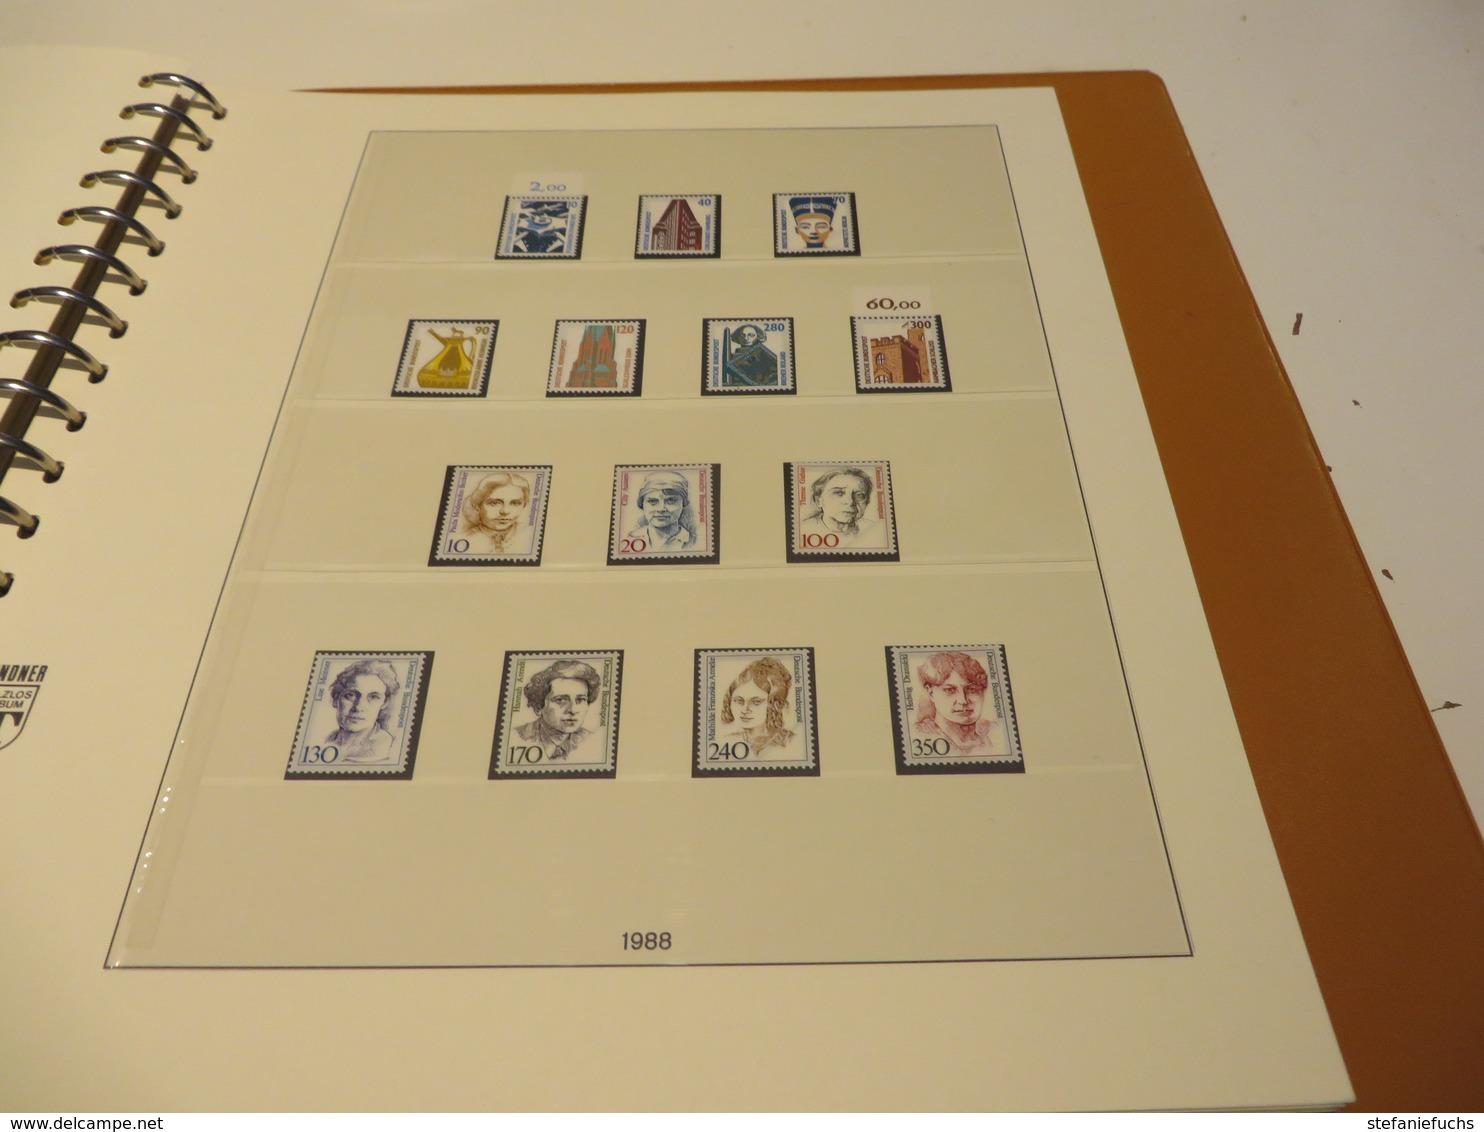 DEUTSCHLAND / BUND  1977 Bis 1989  LINDNER - T - VORDRUCKTEXT  Mit  Ein  Posten  ** /  MARKEN  Im  RINGBINDER - Collections (with Albums)